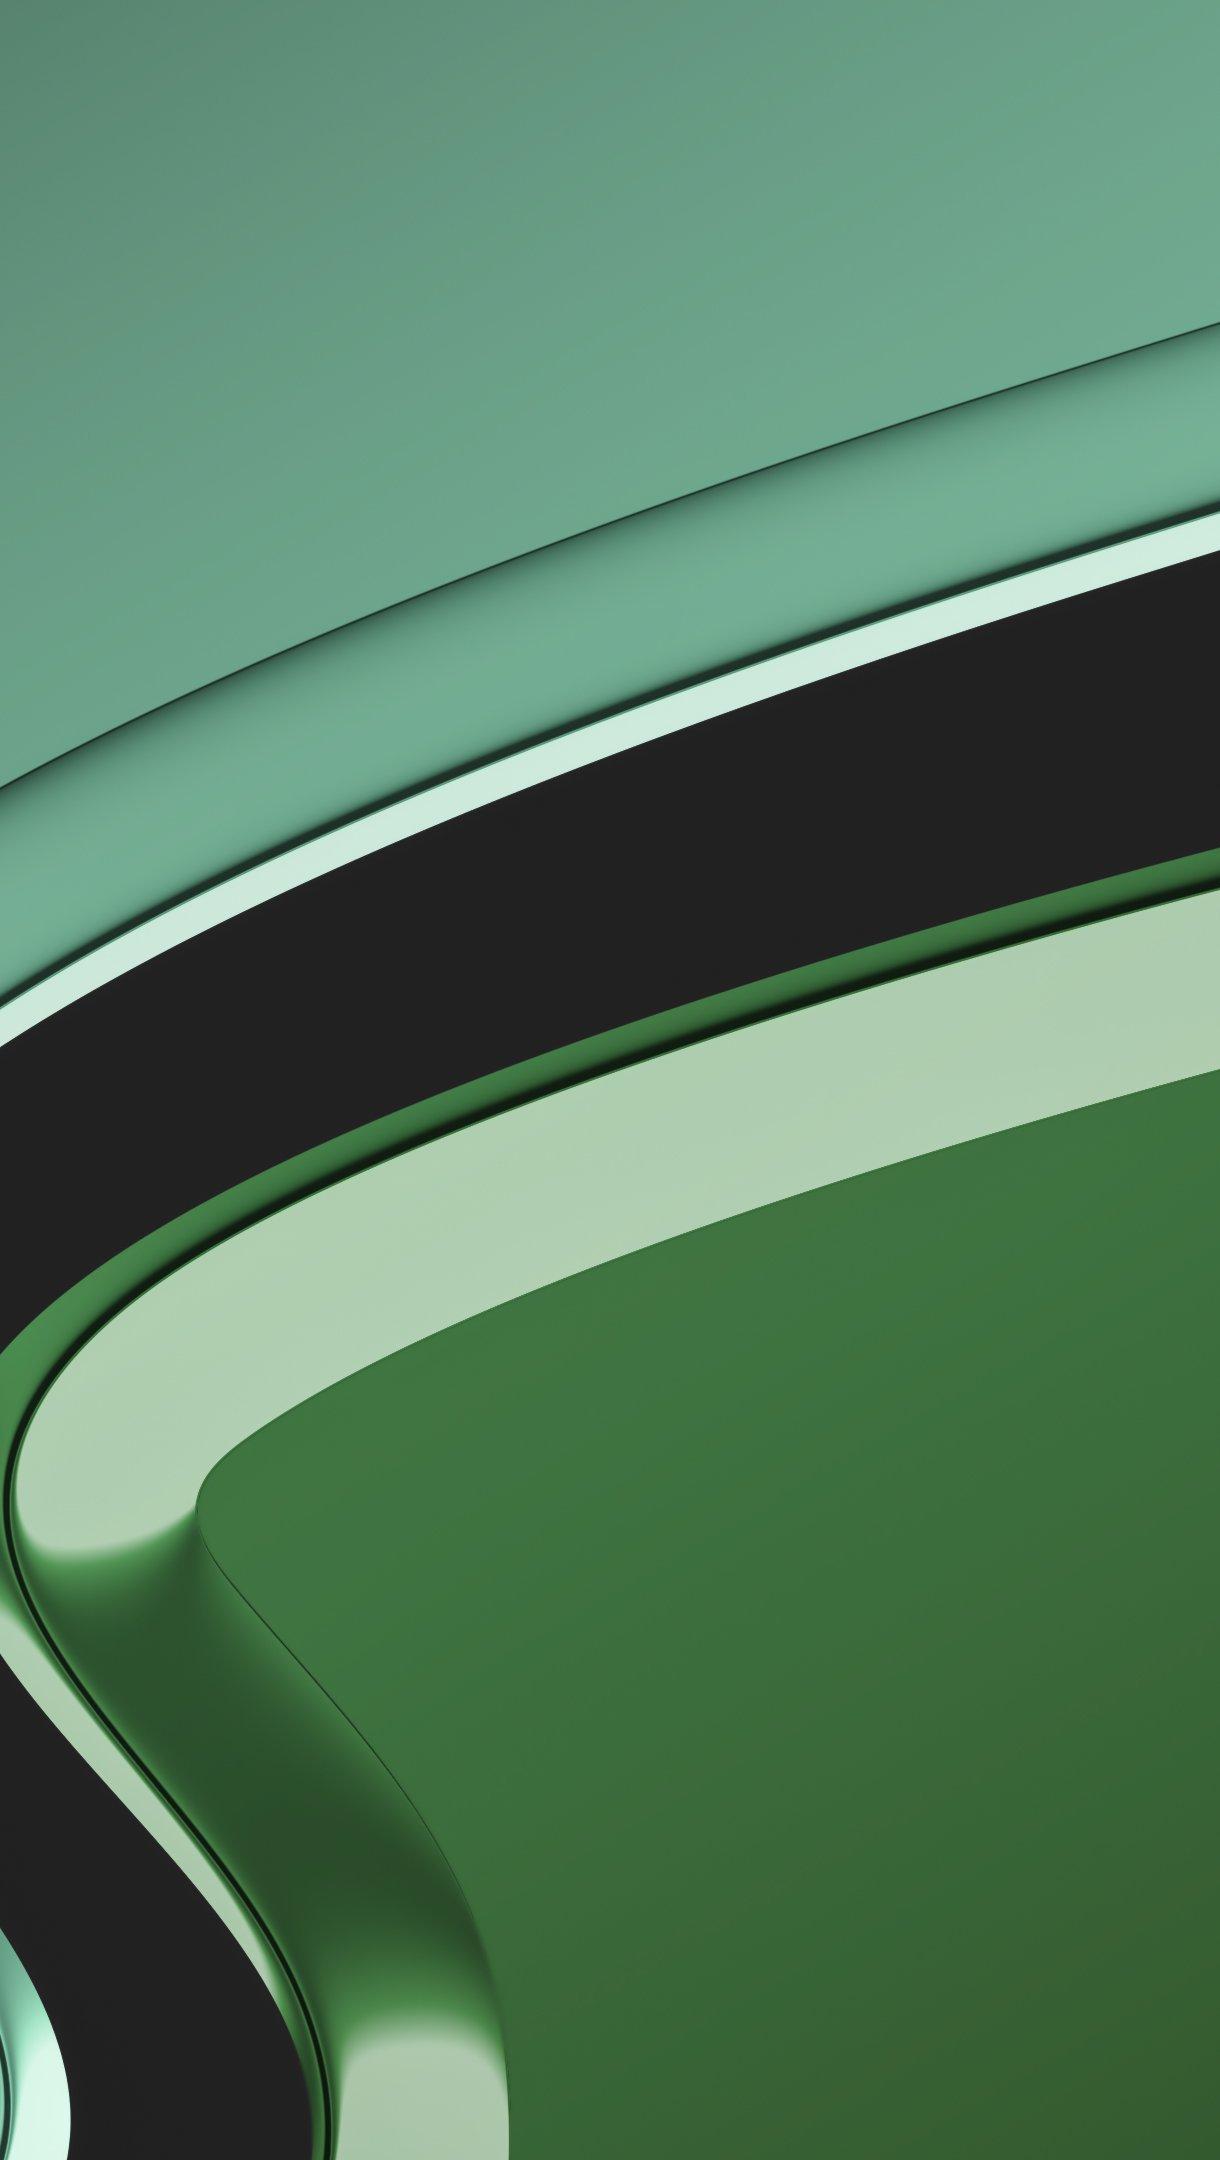 Wallpaper Green color flow Vertical